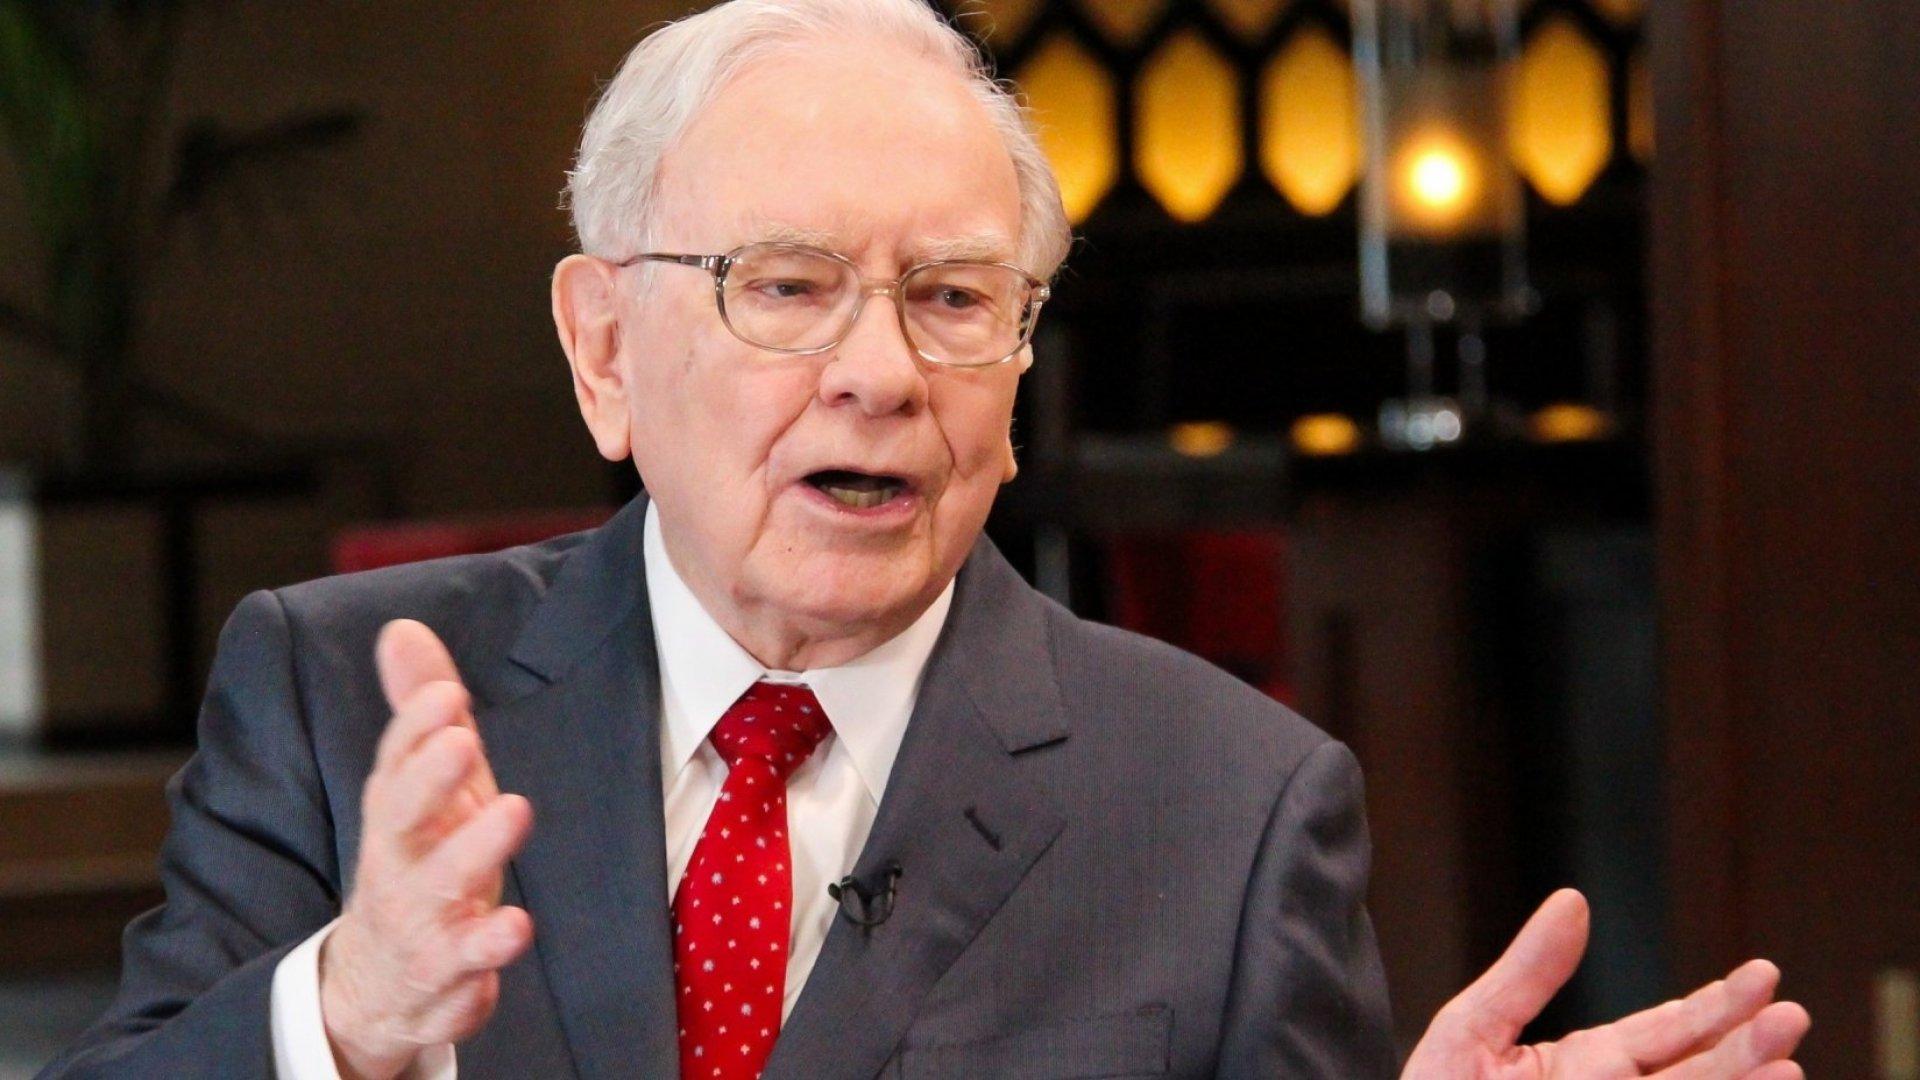 Warren Buffett Just Shared a Very Reassuring Message for Tough Times